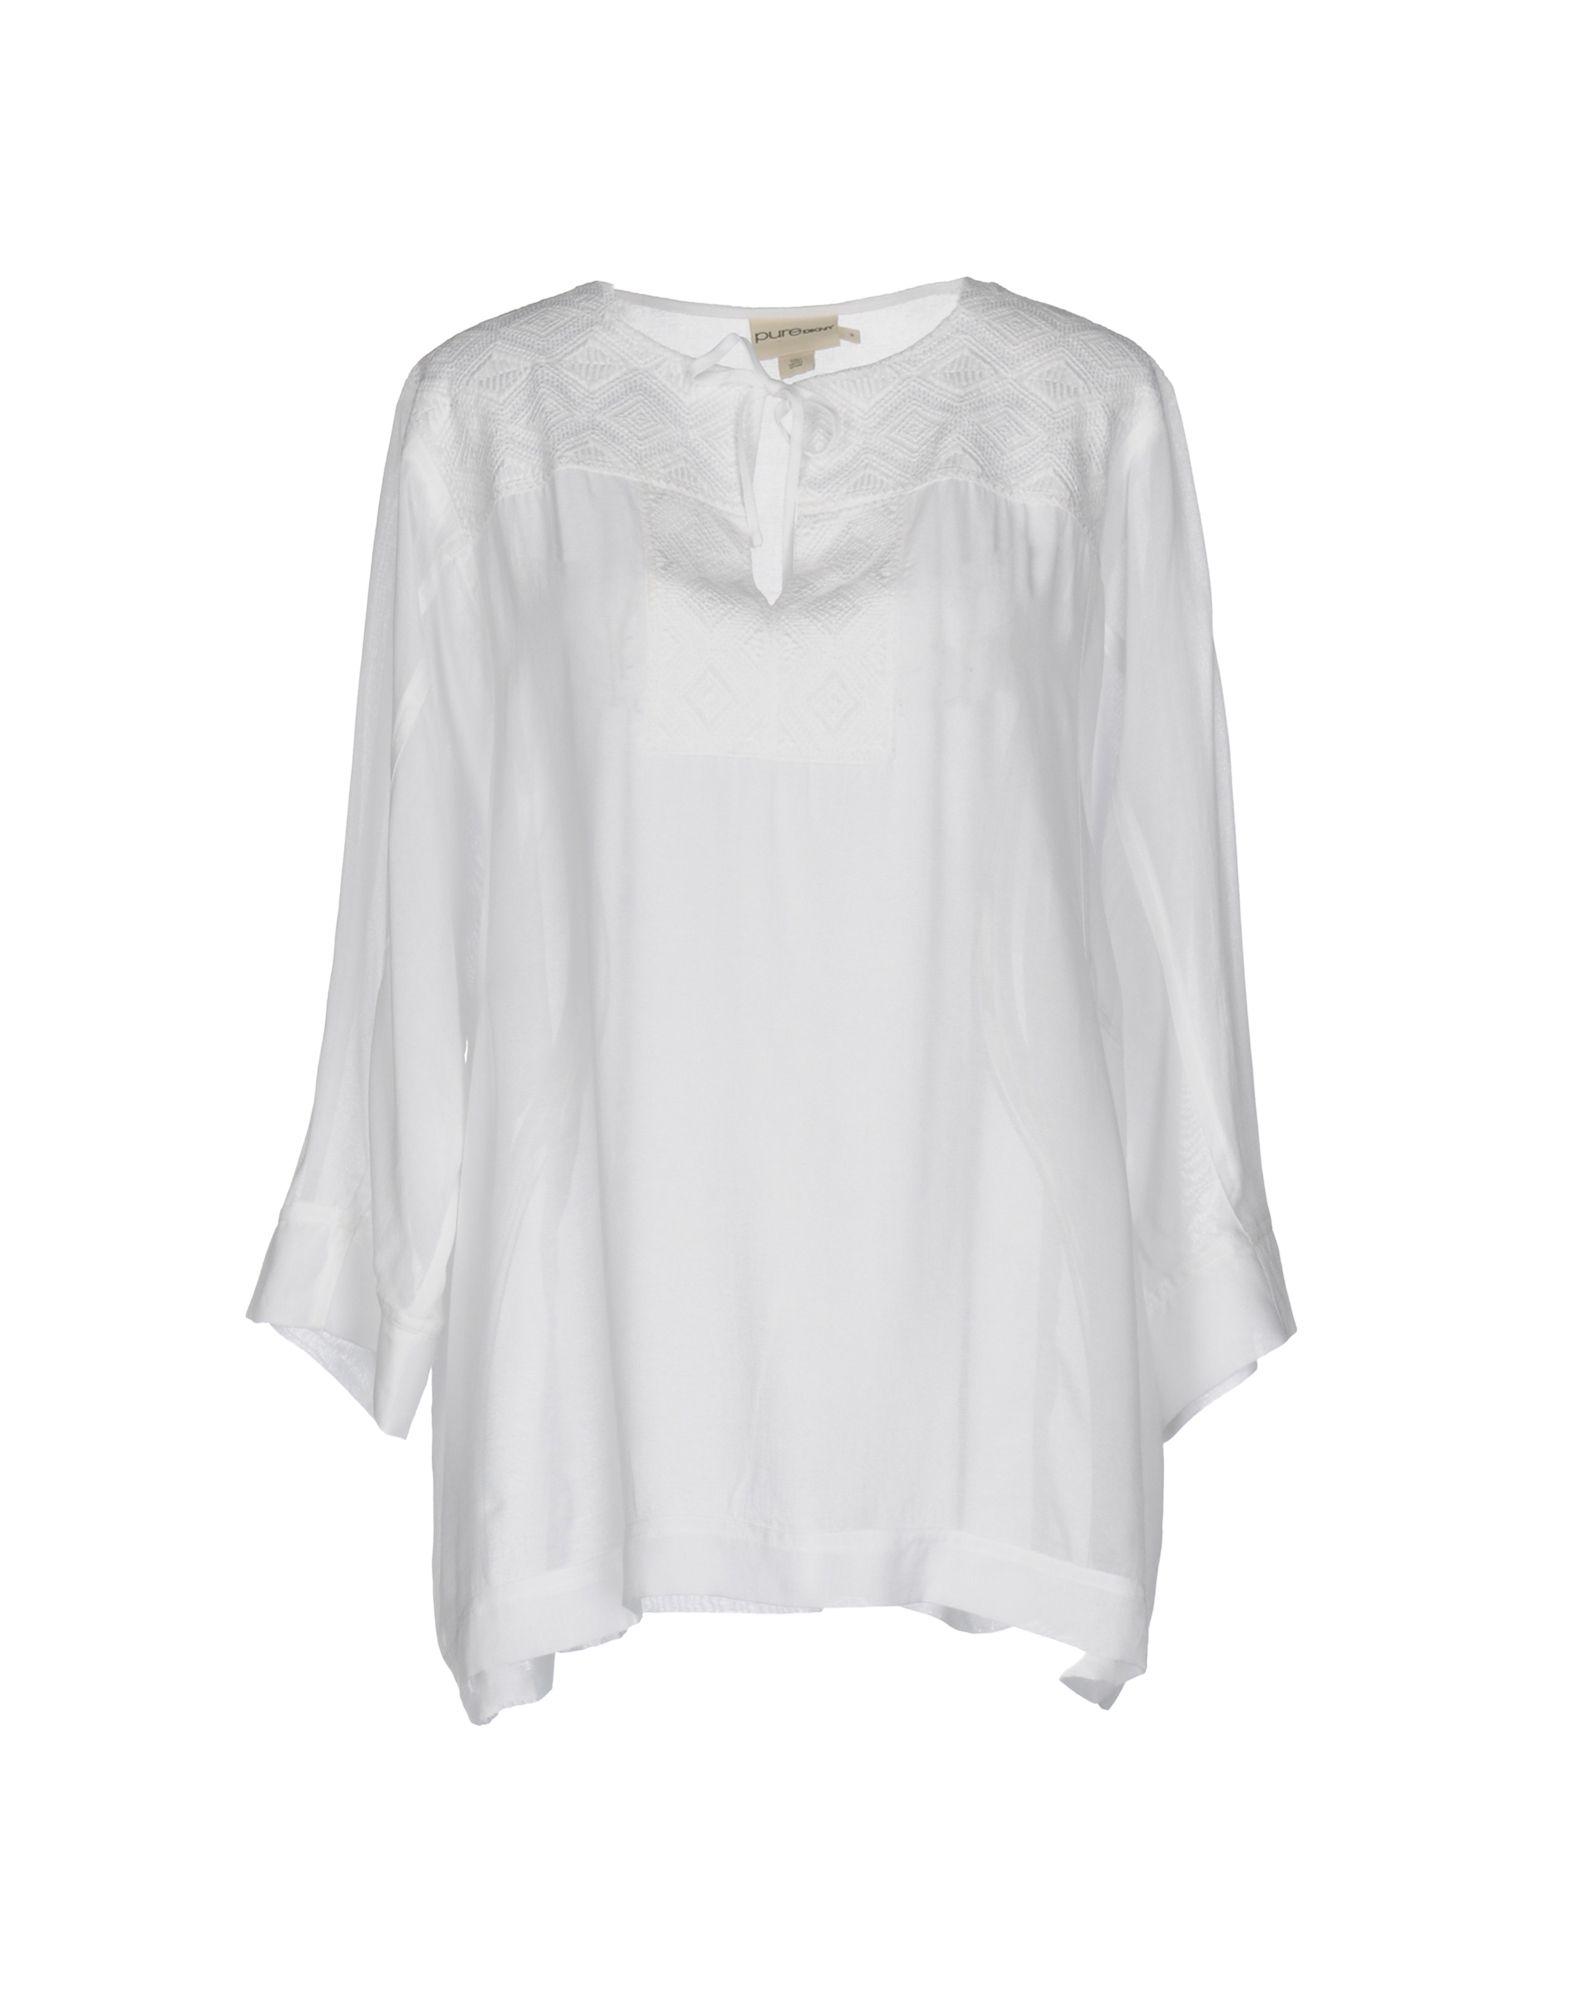 где купить DKNY PURE Блузка по лучшей цене